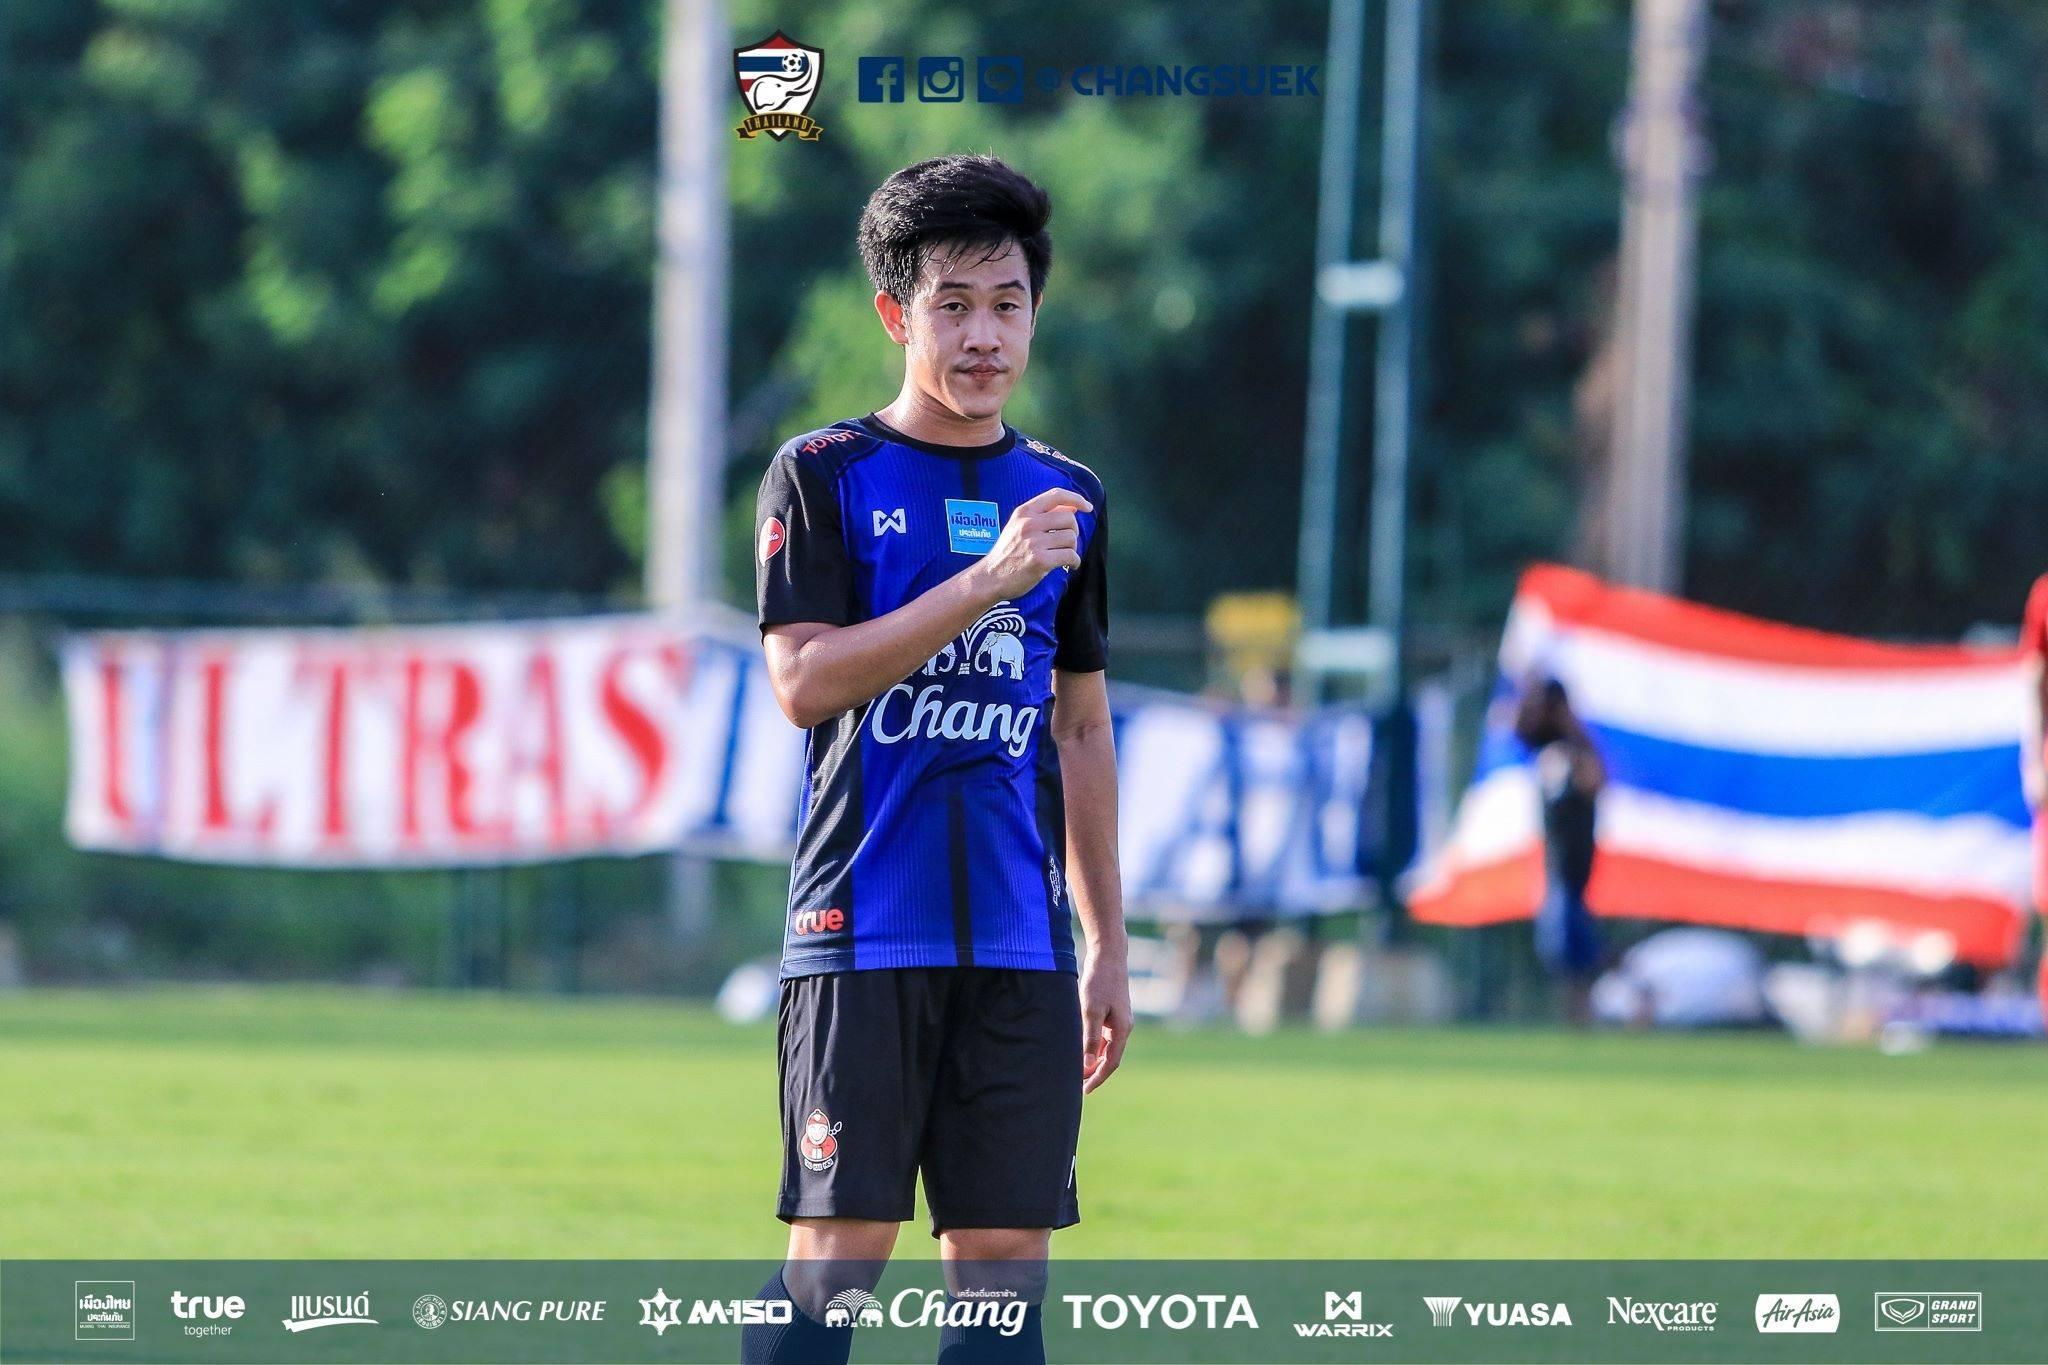 พรีวิวฟุตบอลชายเอเชี่ยนเกมส์ 14-15 สิงหาคม 2018